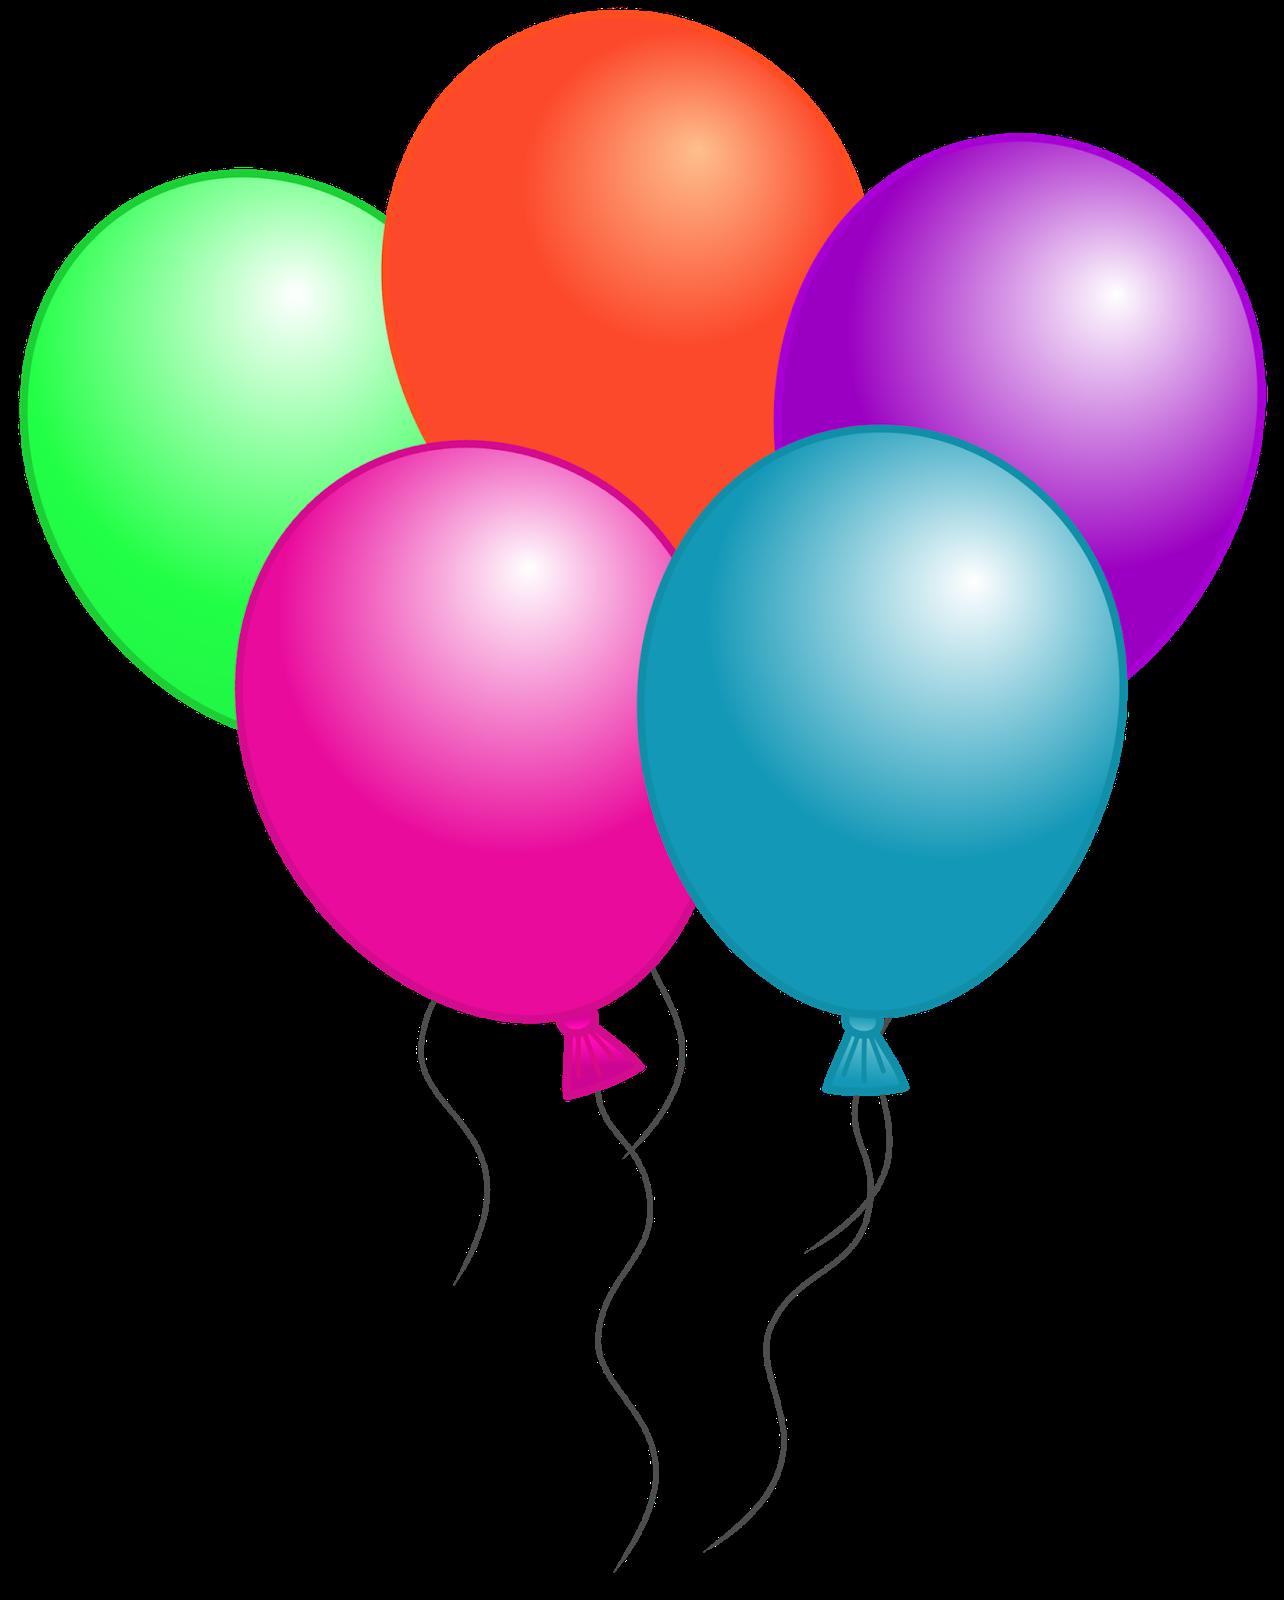 Balloon Clip Art - Balloons Clip Art